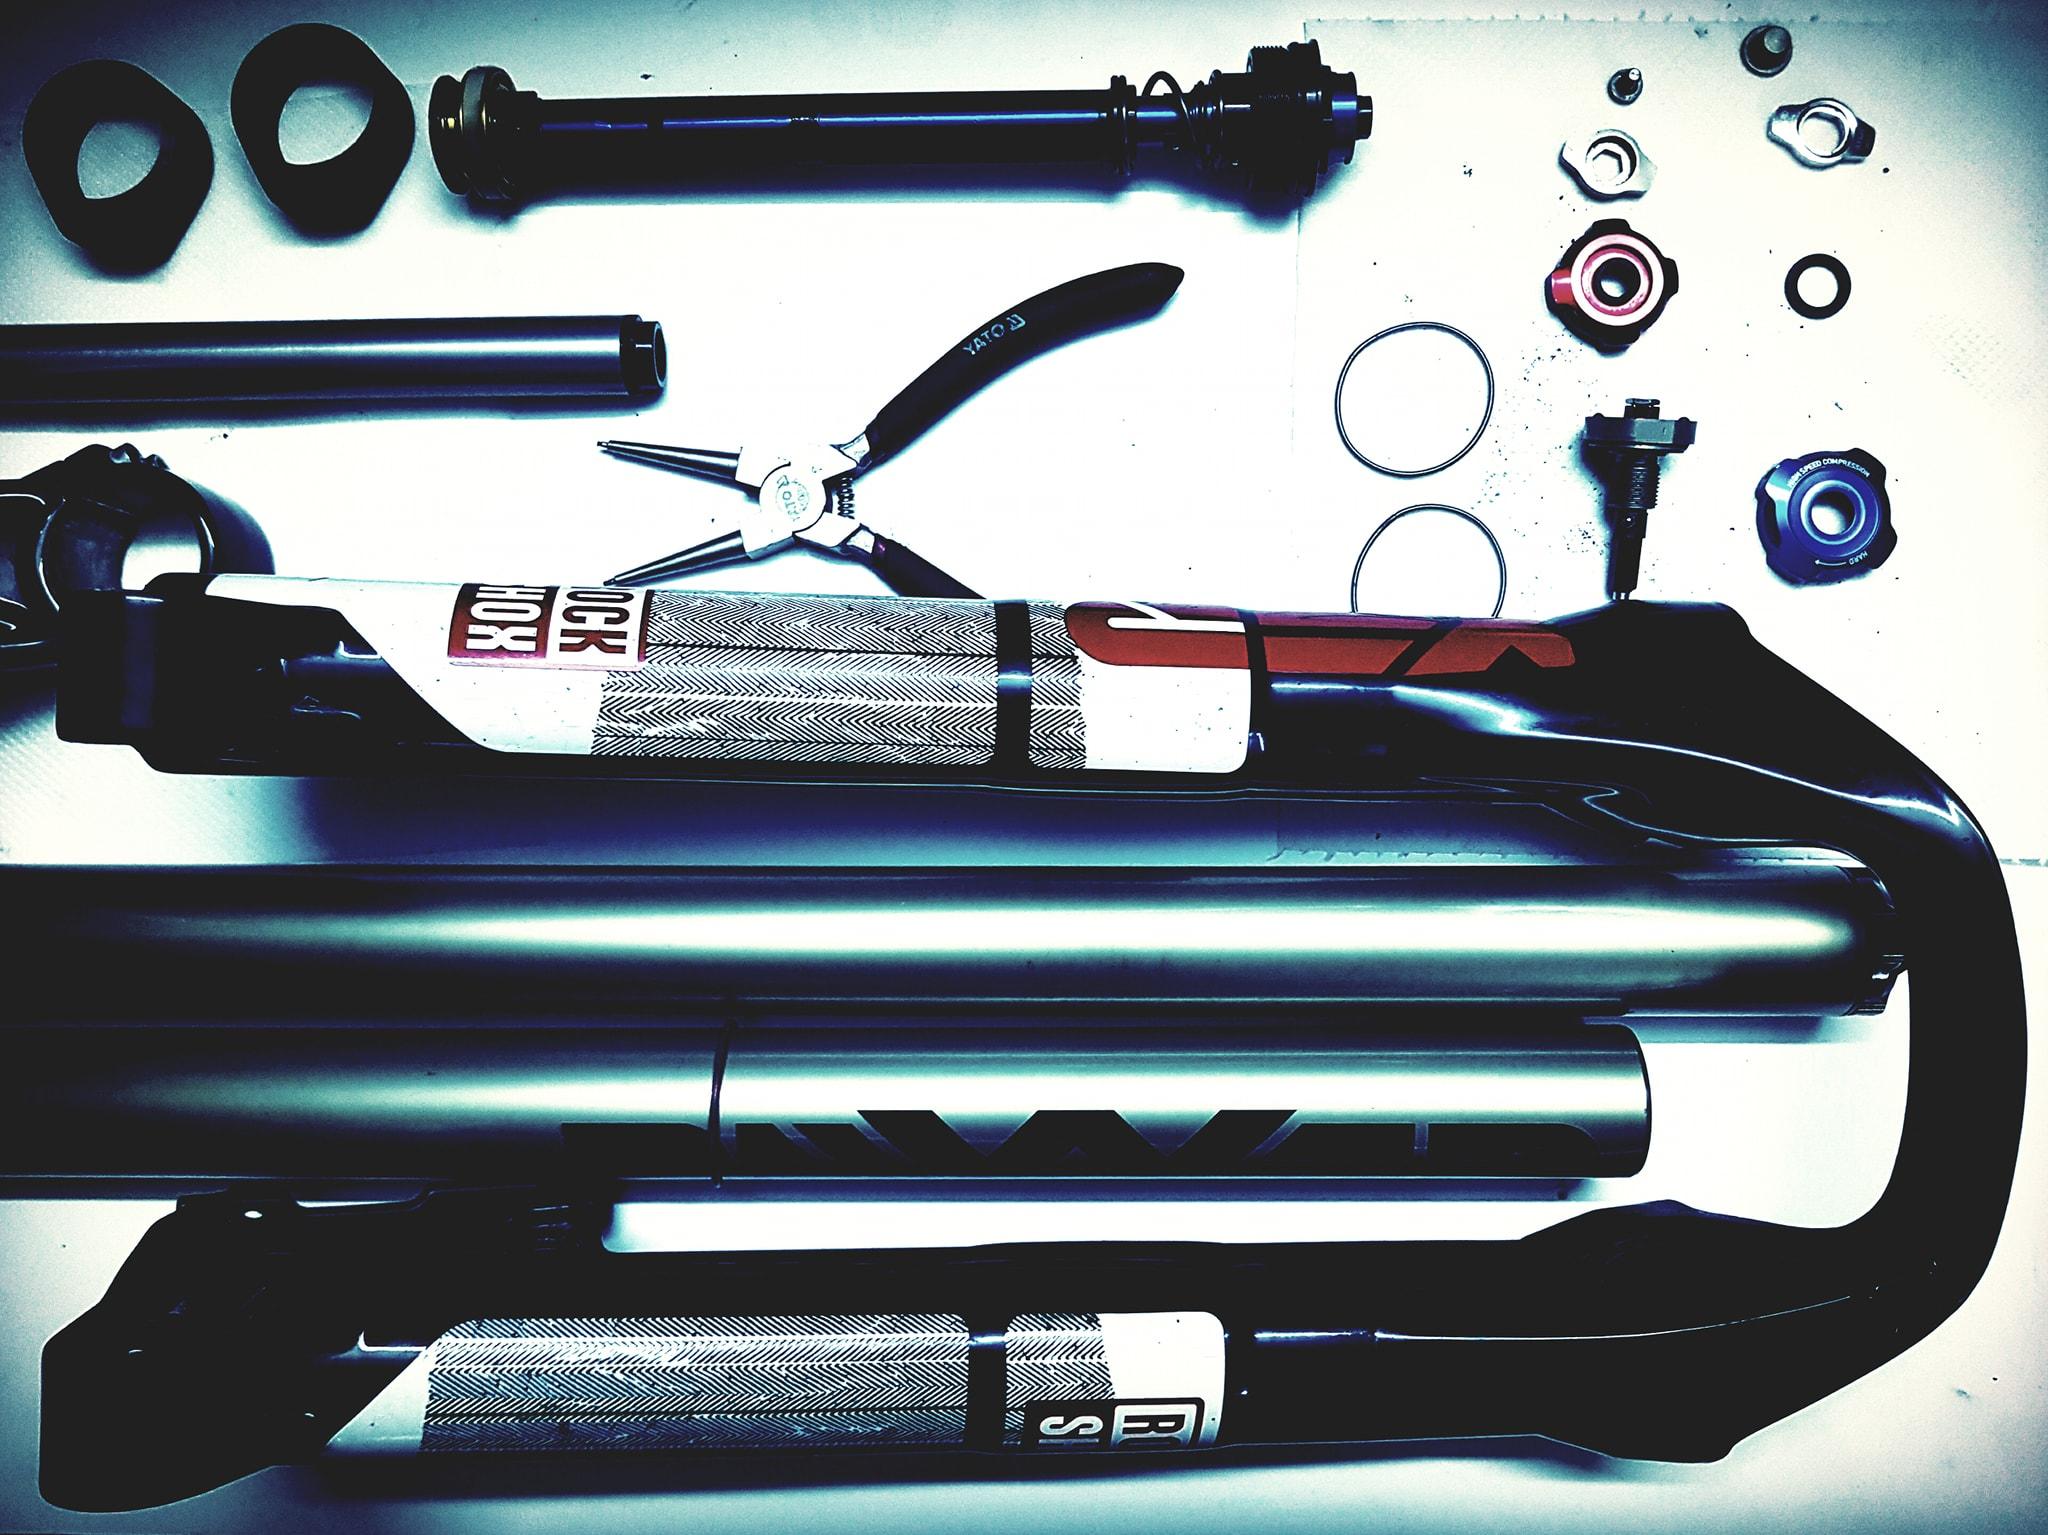 ER-HA Rowery serwis amortyzatora fox rock shox santour serwis amortyzatorów rowerowych